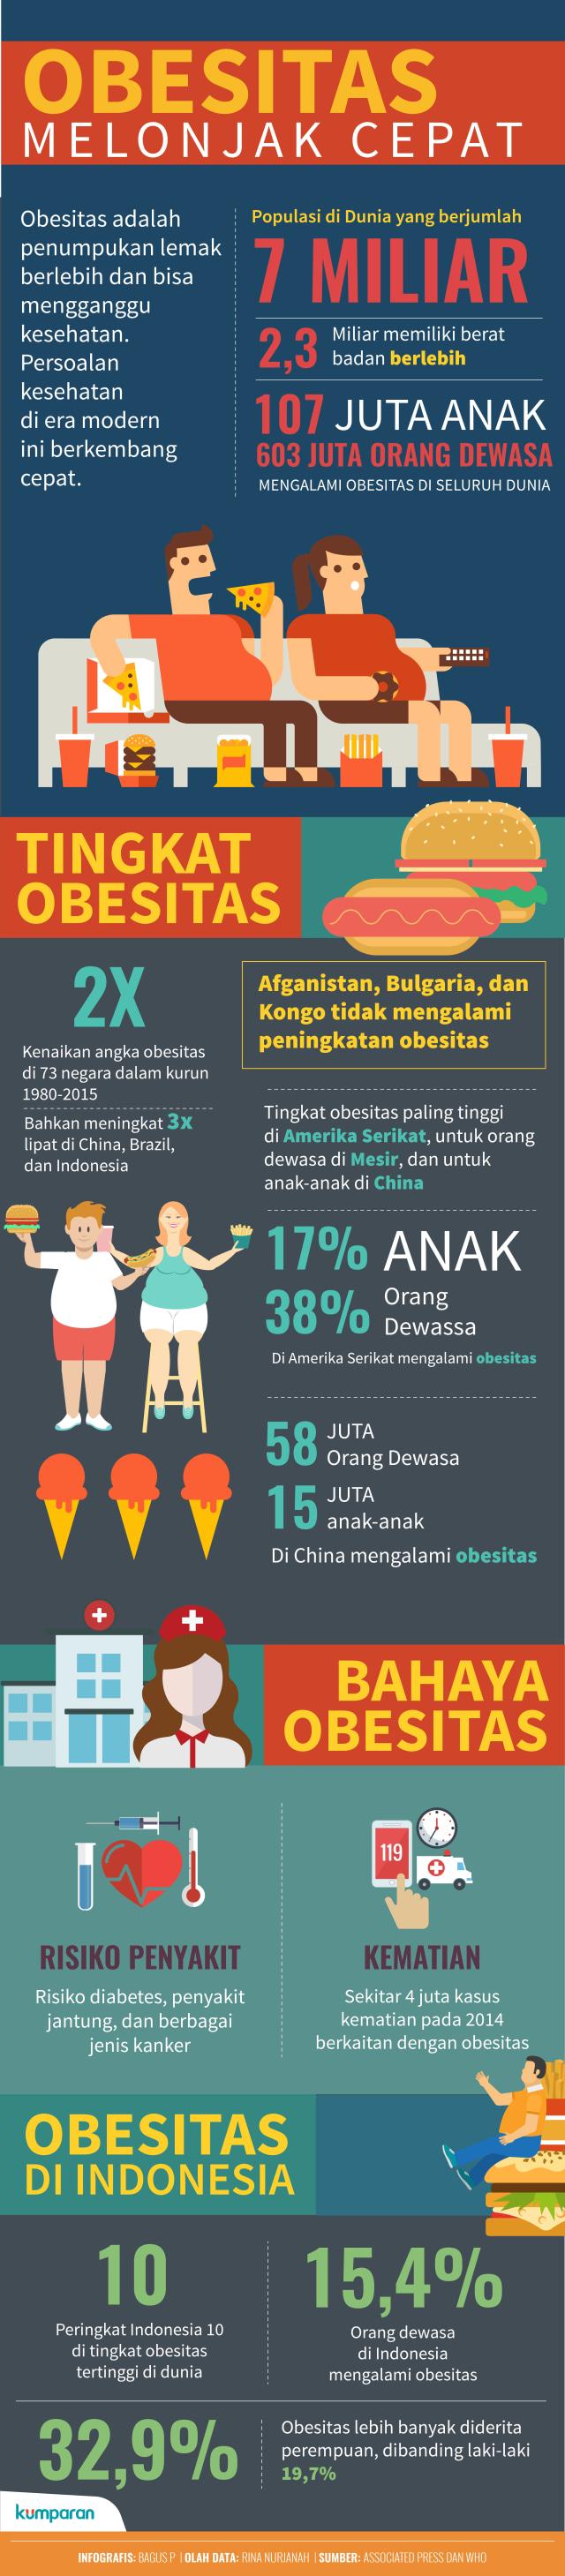 1 dari 10 Orang di Dunia Mengalami Obesitas (39054)